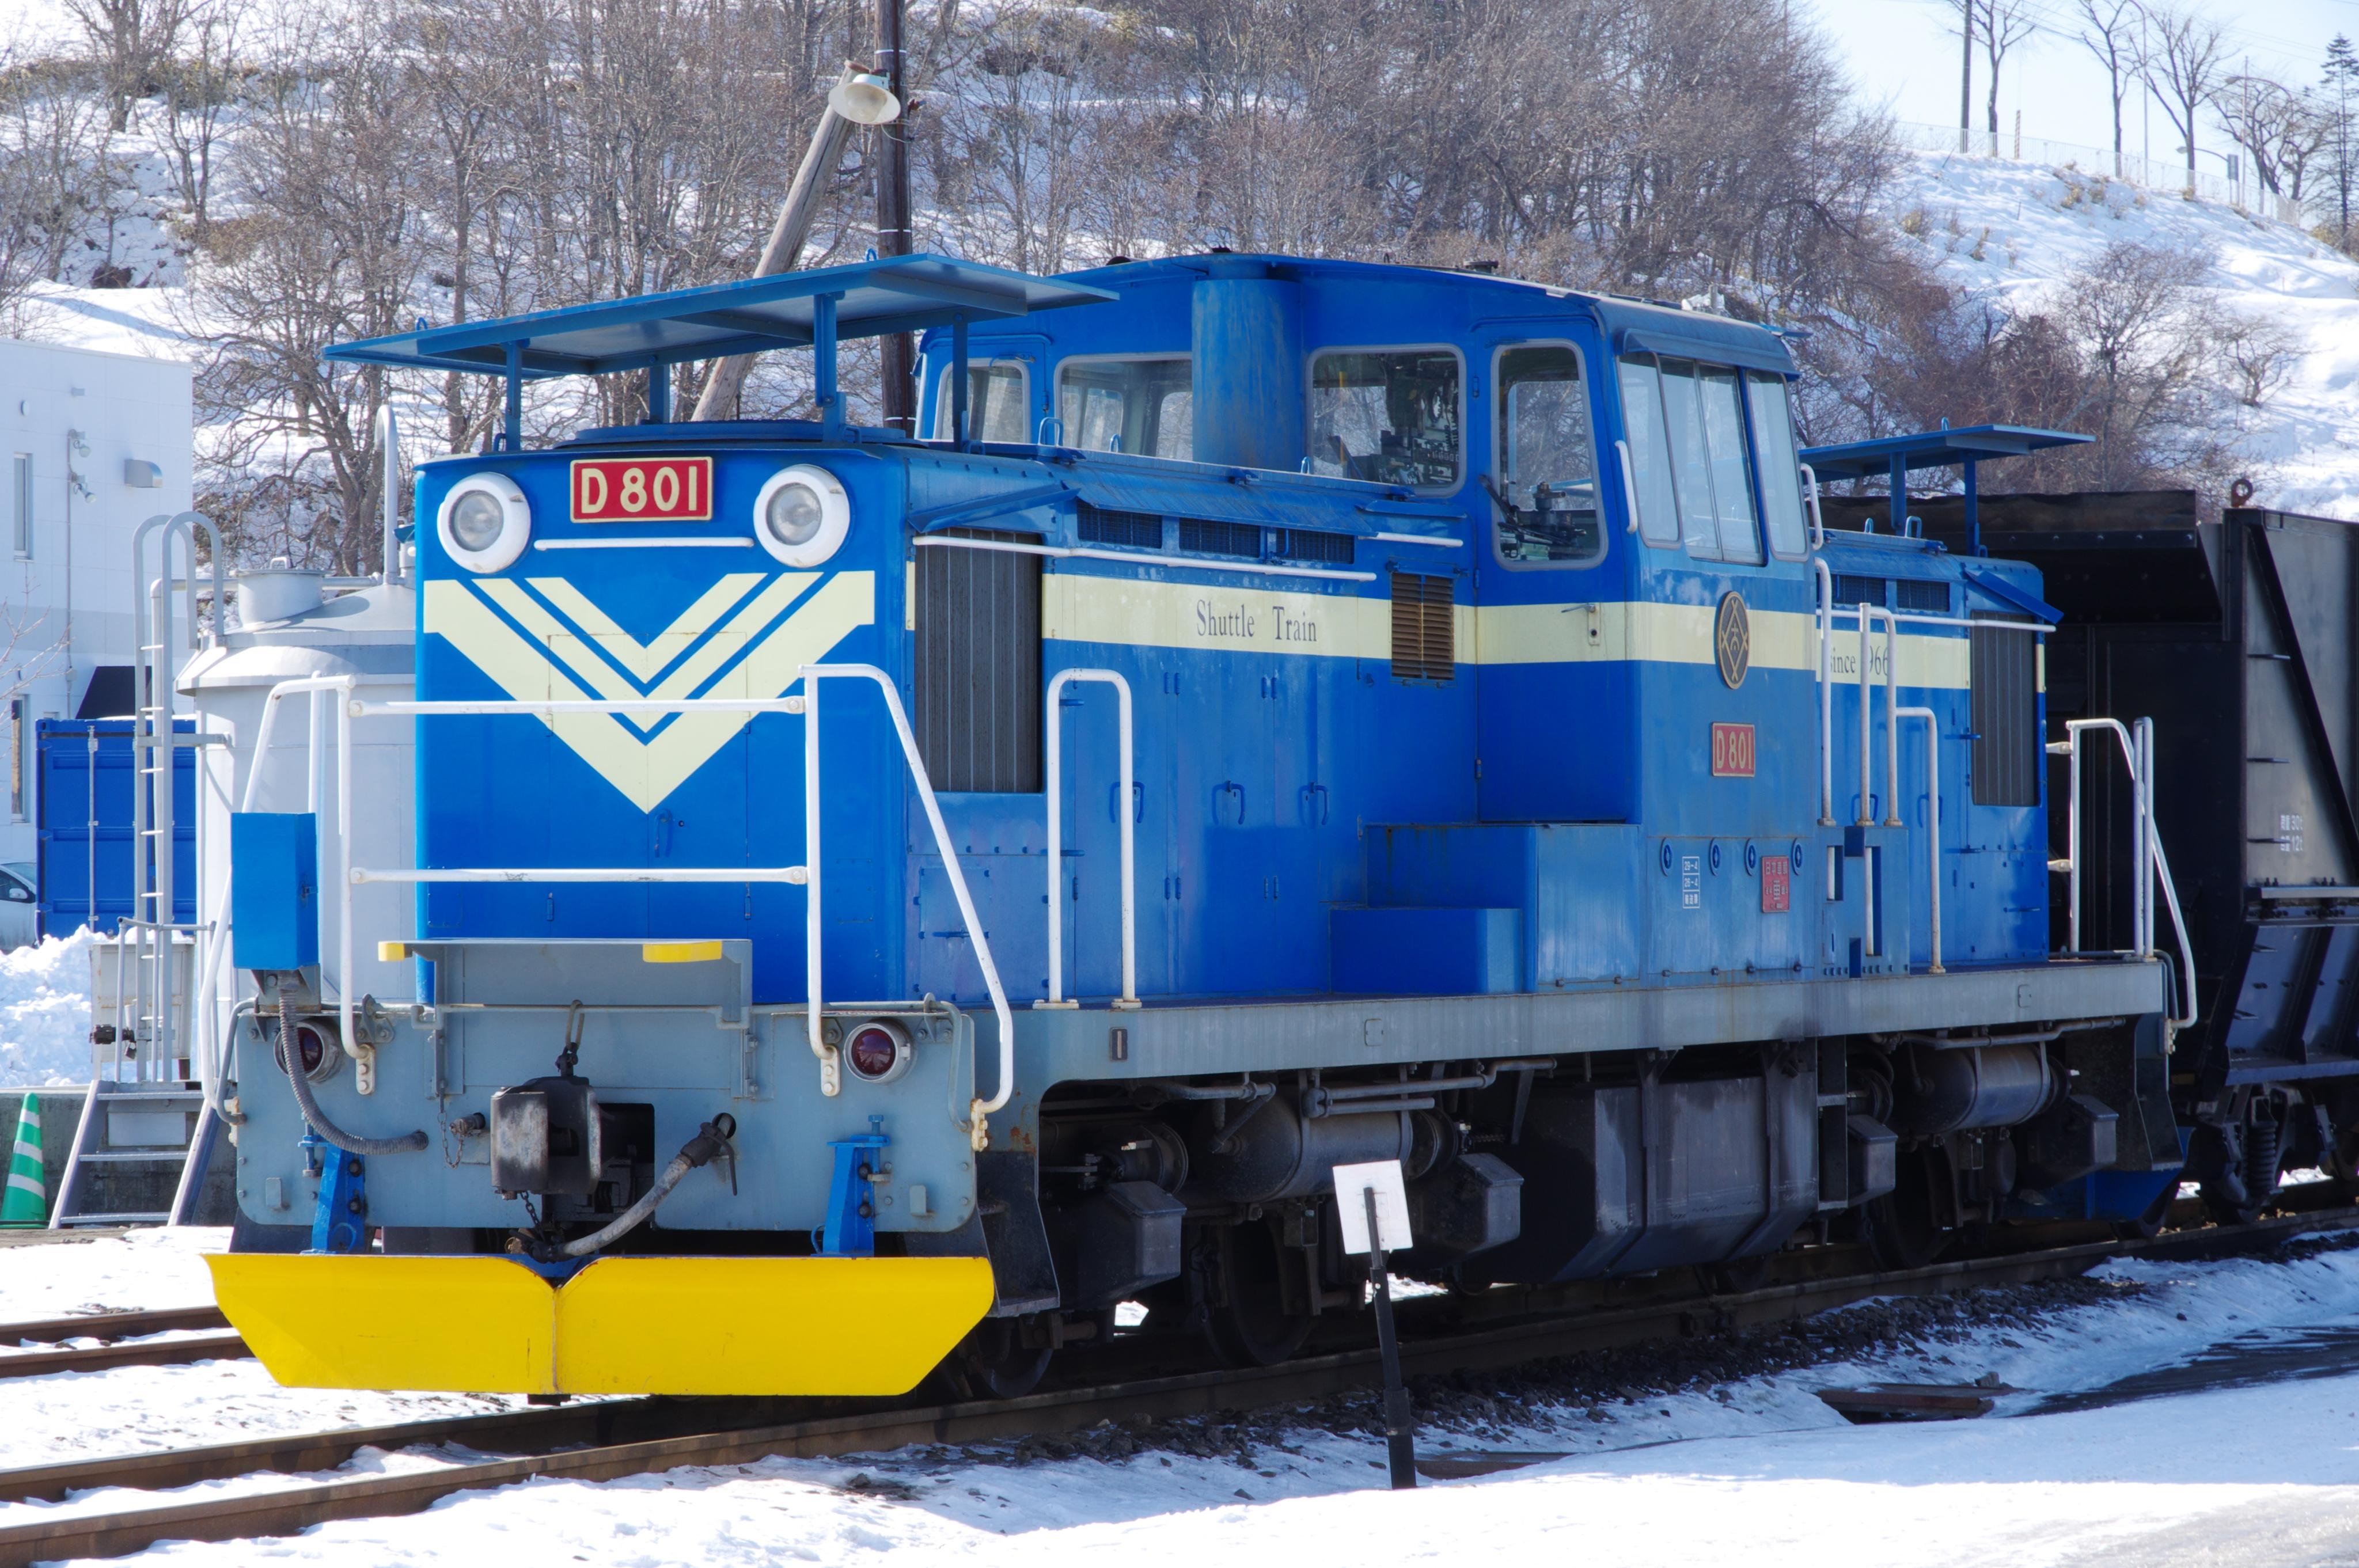 太平洋石炭販売輸送臨港線 石炭列車 ディーゼル機関車D801.jpg